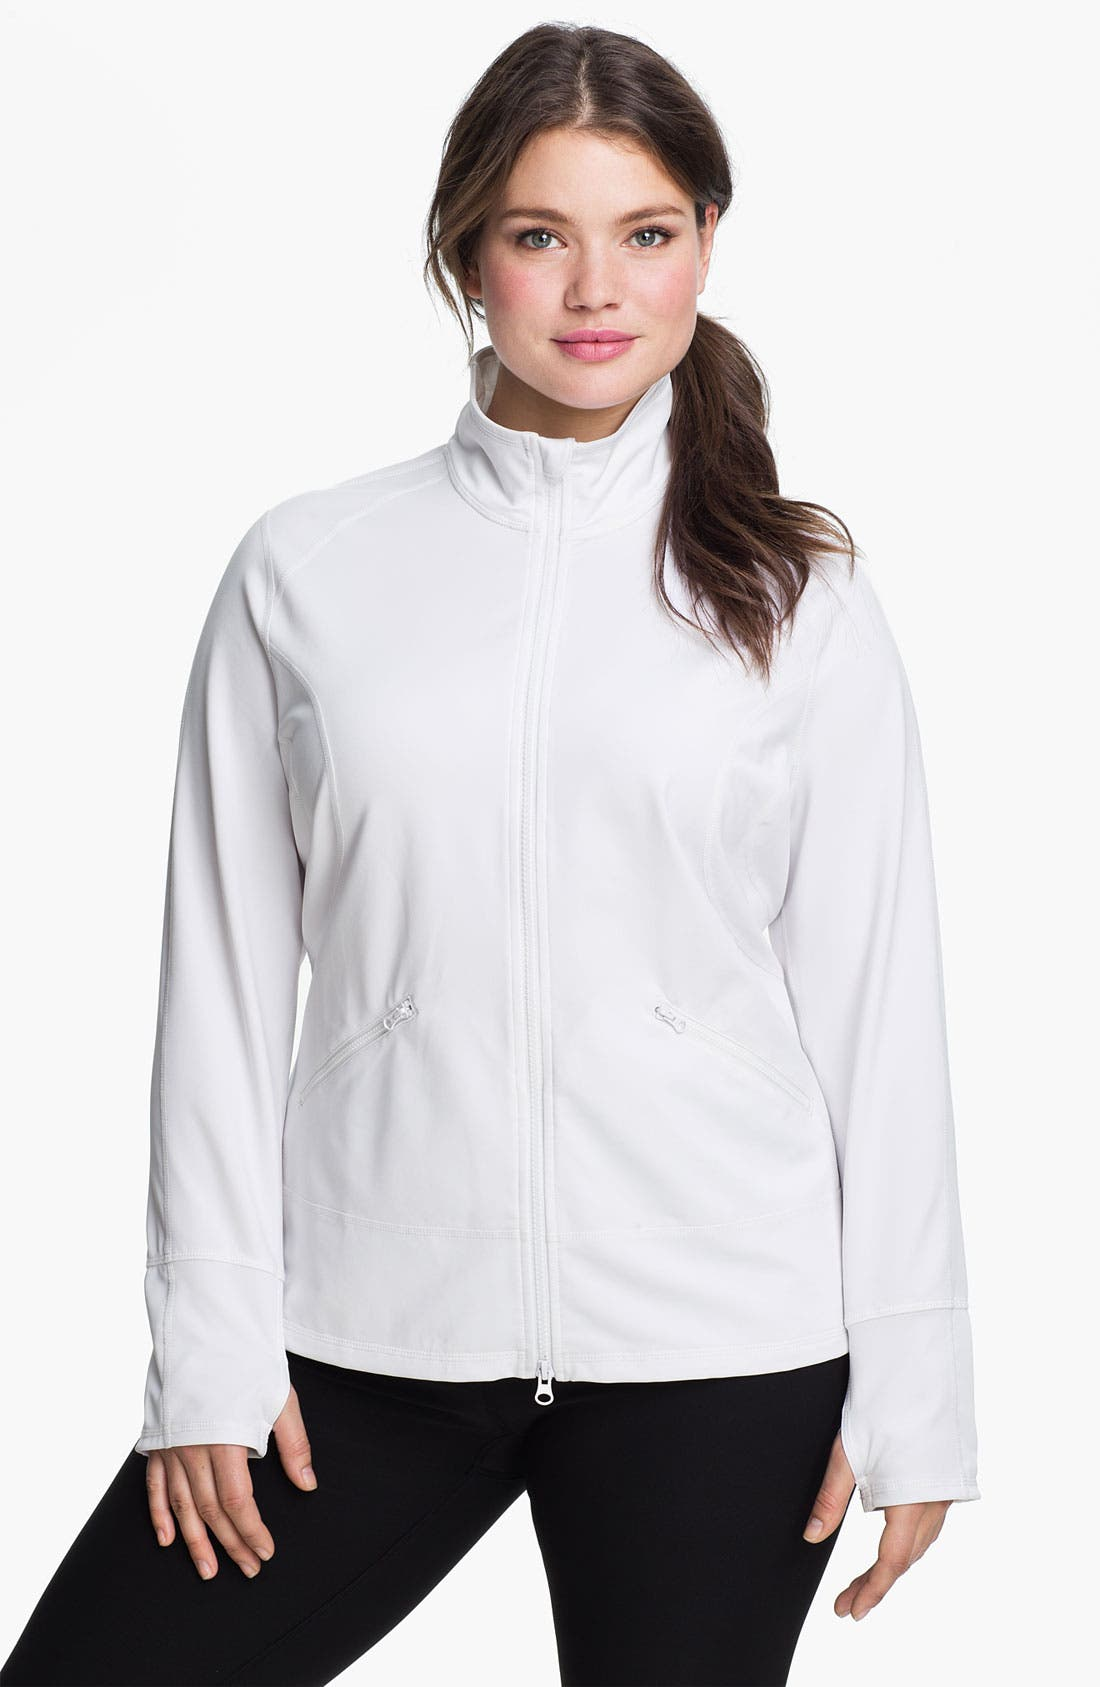 Main Image - Zella 'Streamline' Jacket (Plus Size)